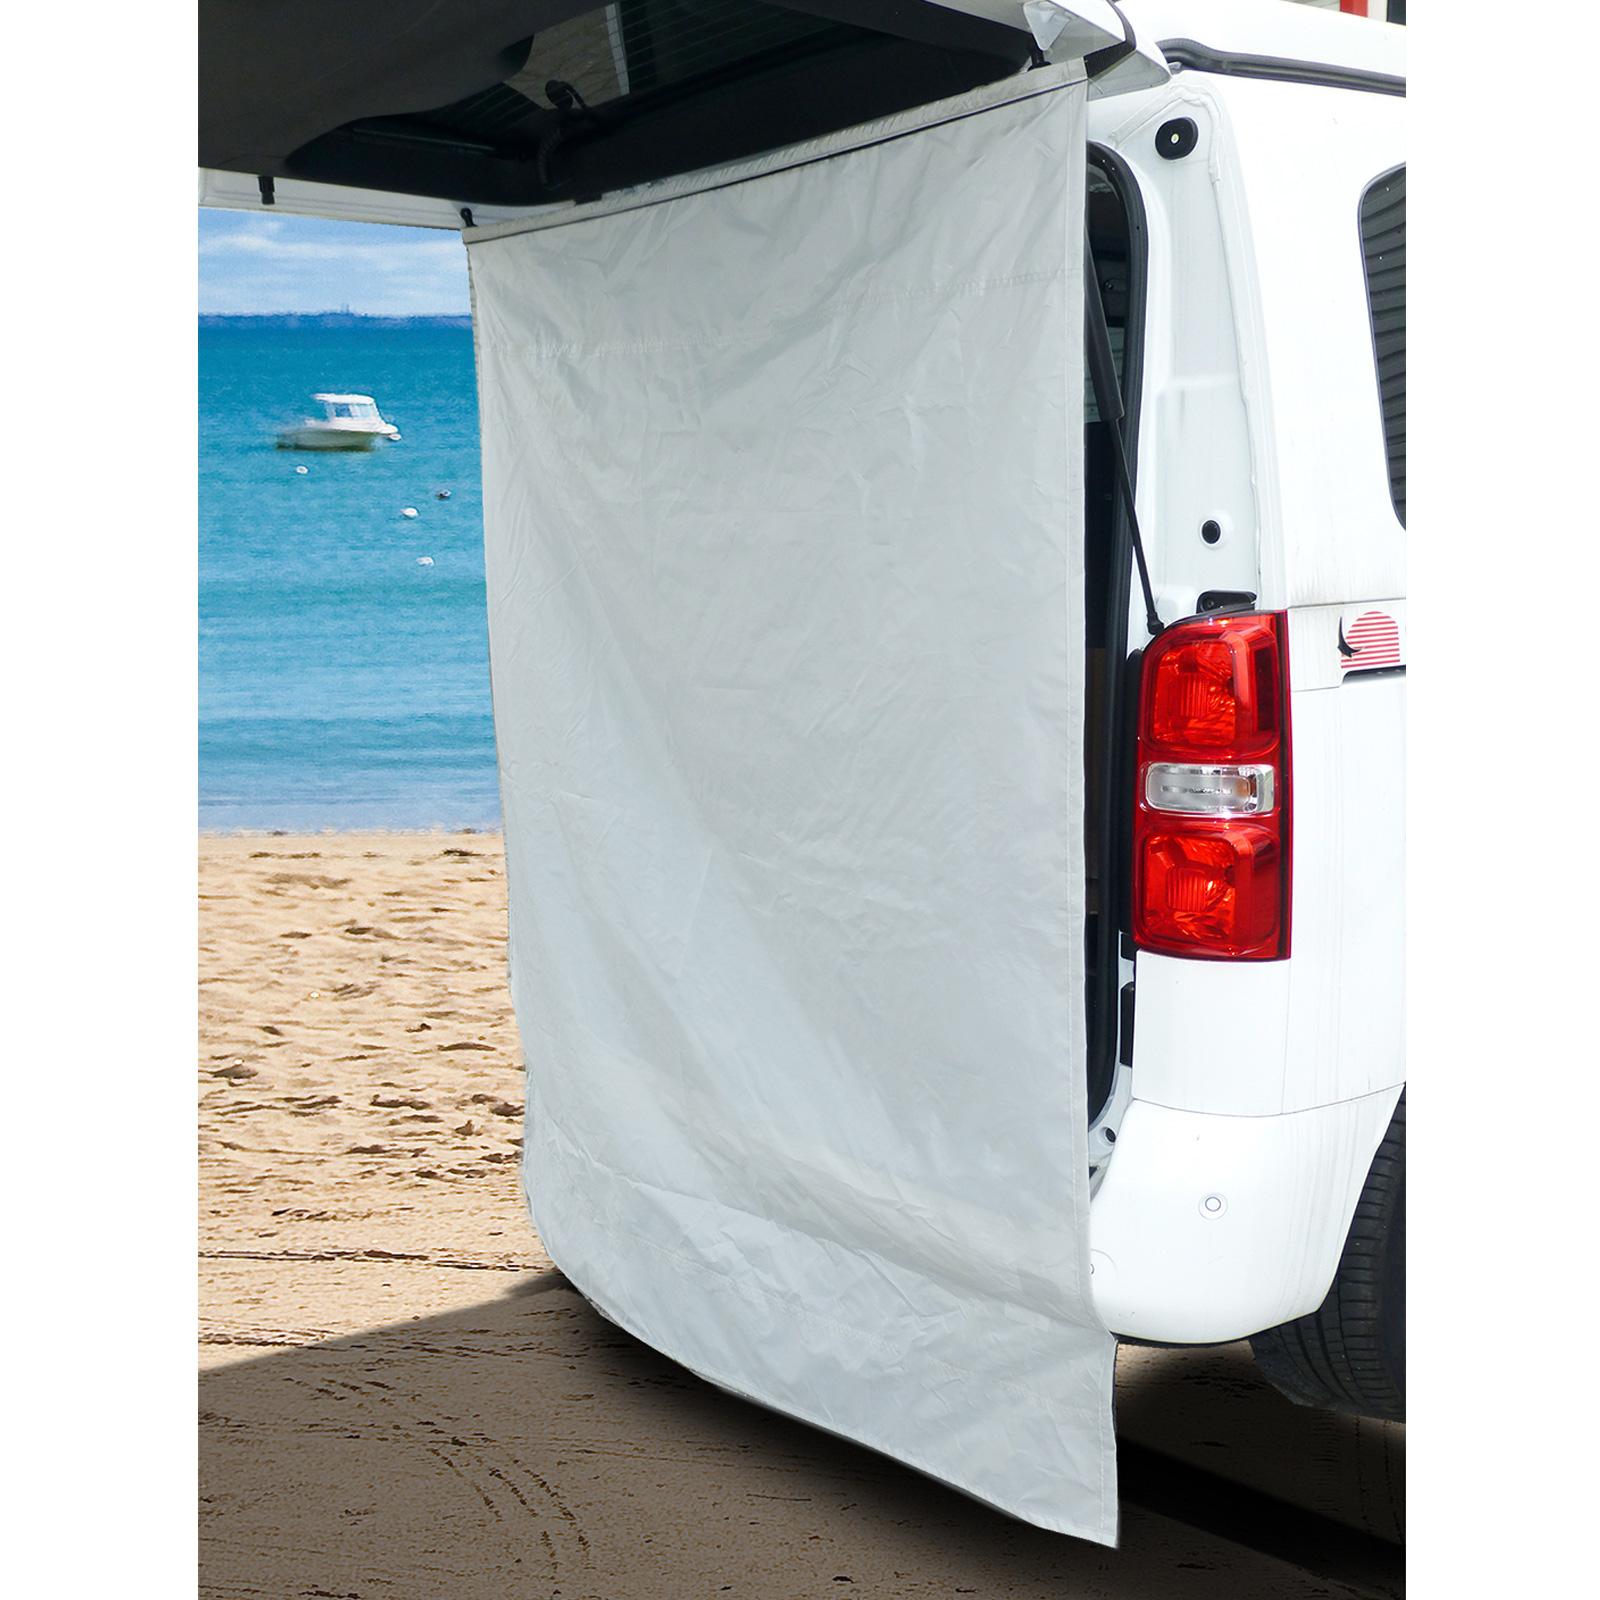 Duschvorhang für Heckzelte - passend für fast alle Campingbusse & Vans